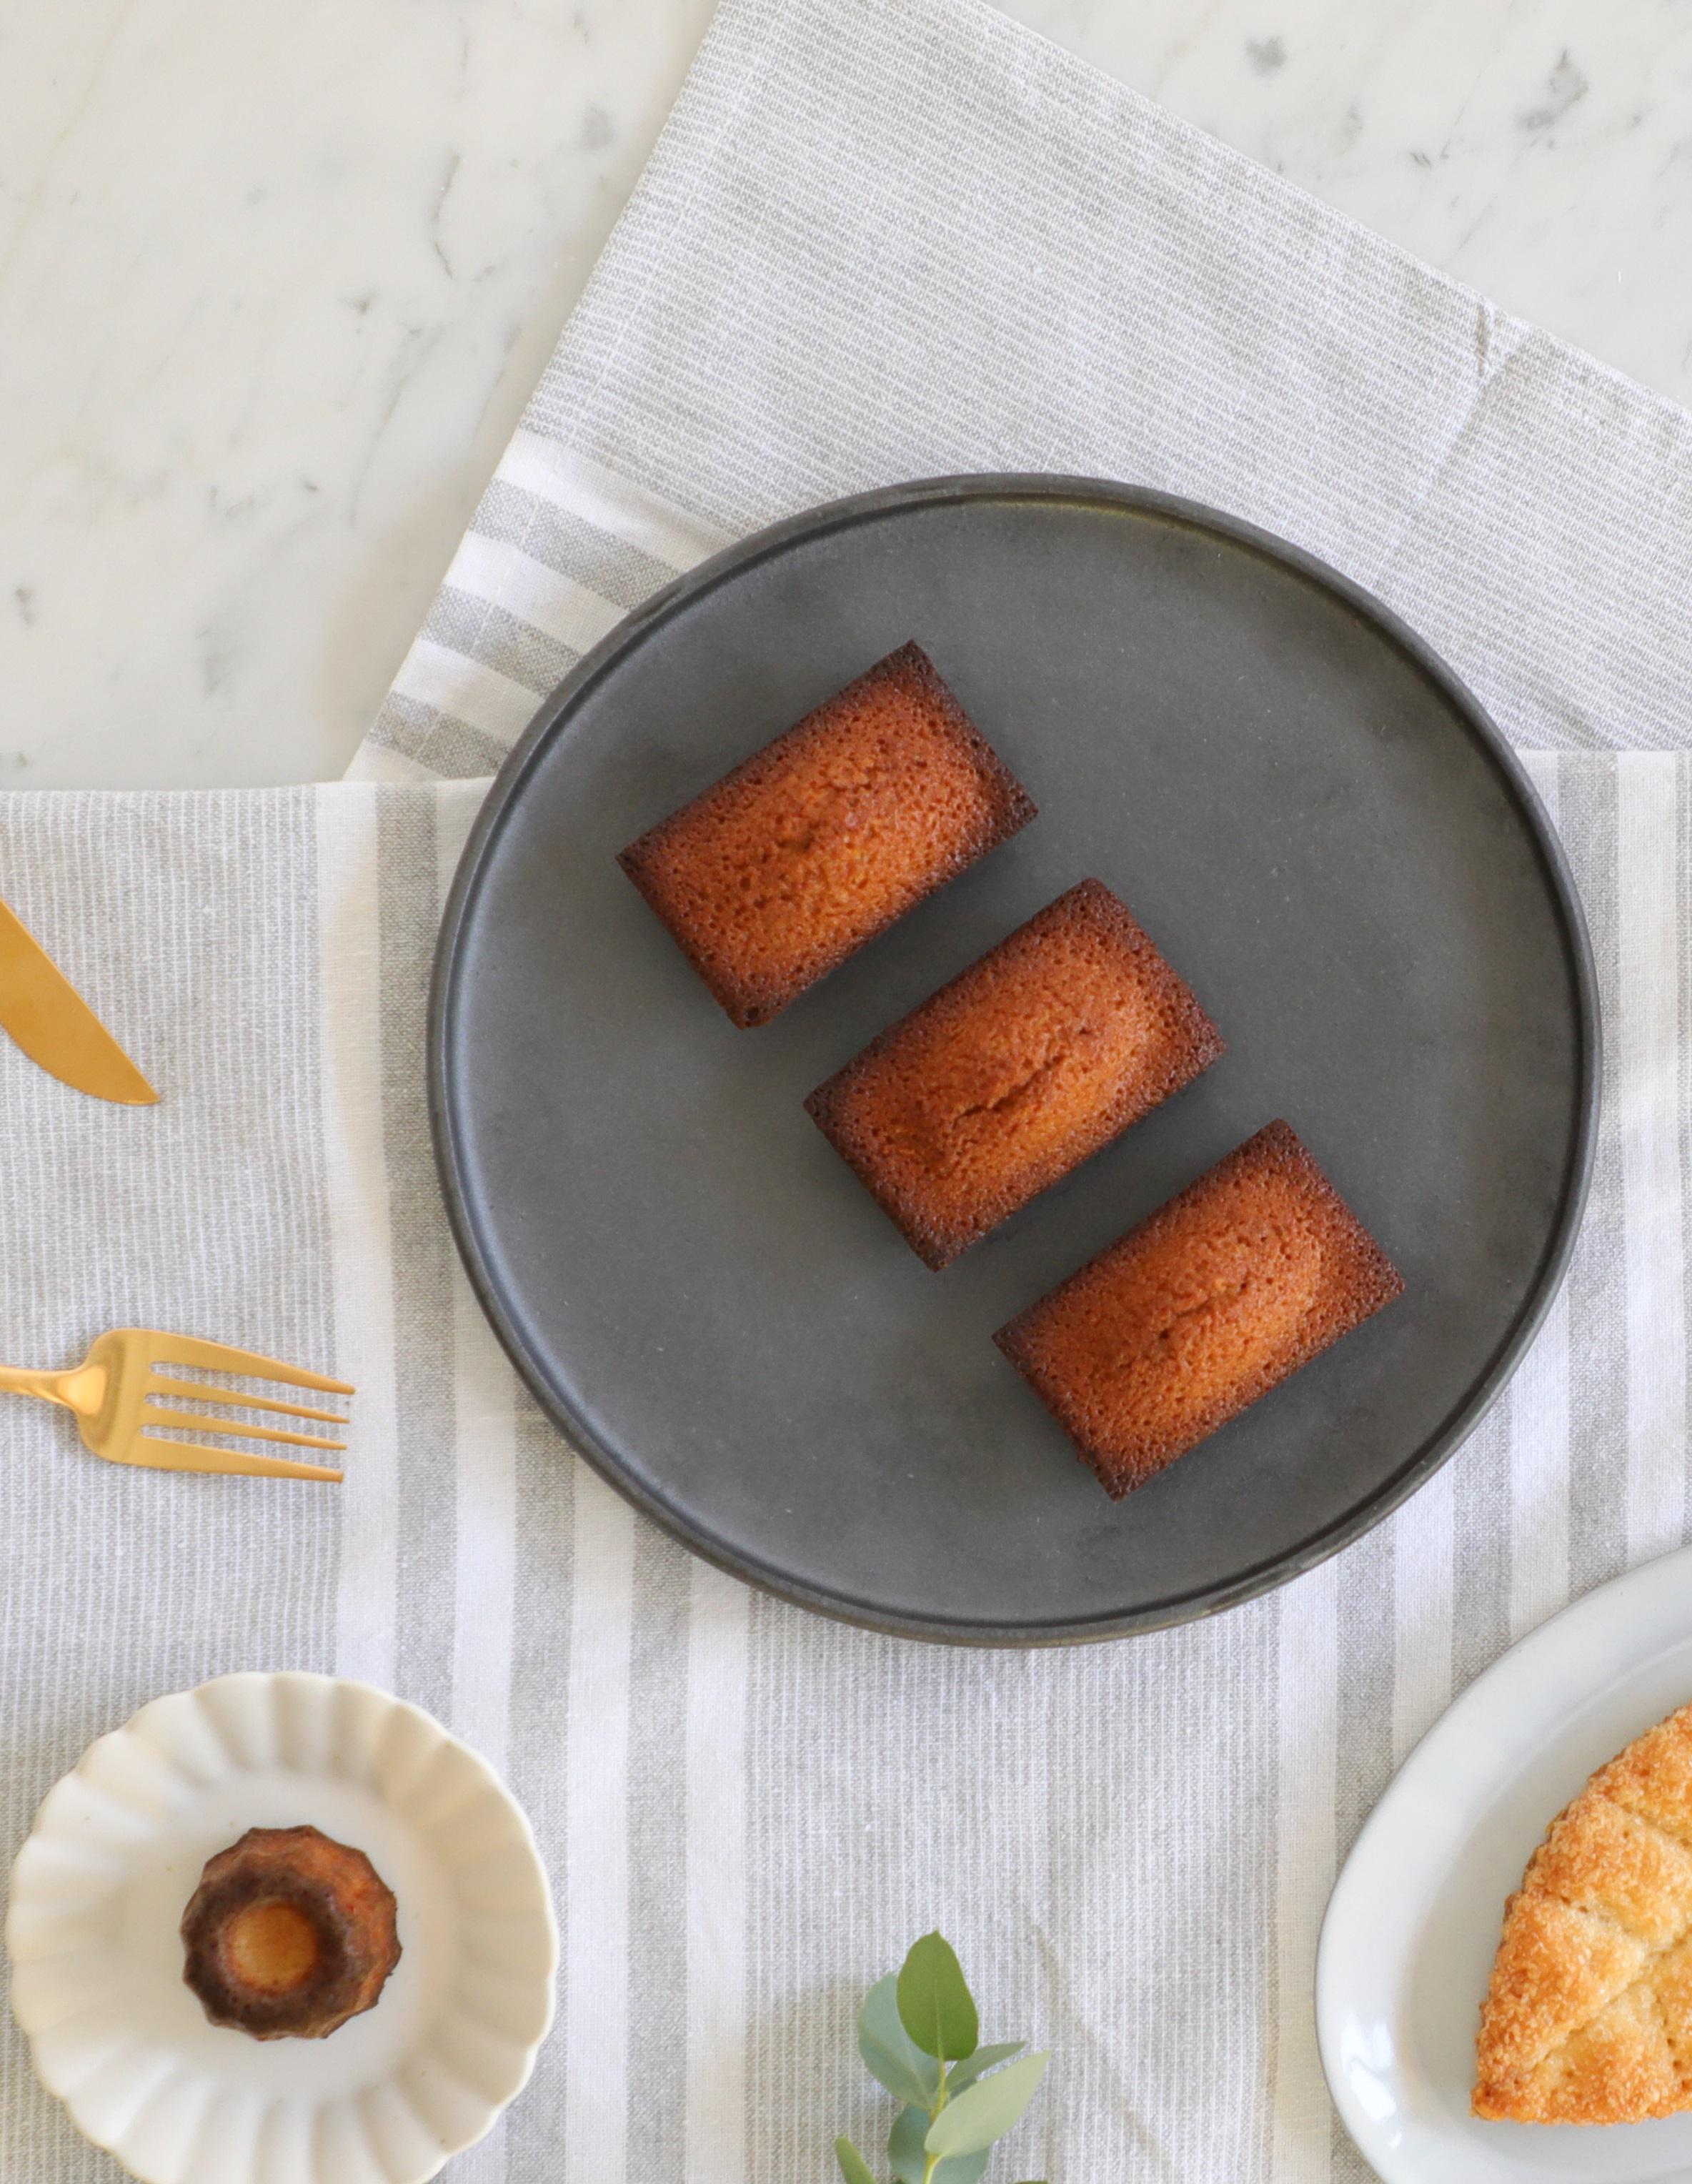 焼きたてを味わえる焼き菓子専門店「バタリー」がオープン!クリスマス限定商品の予約も受付中 - sub1